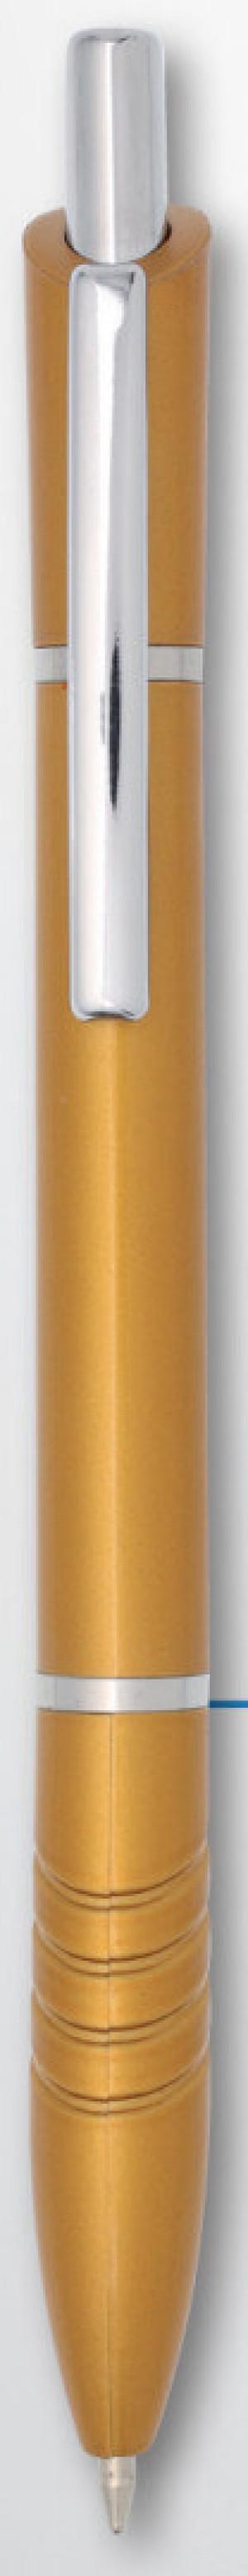 Kugelschreiber 1158 M